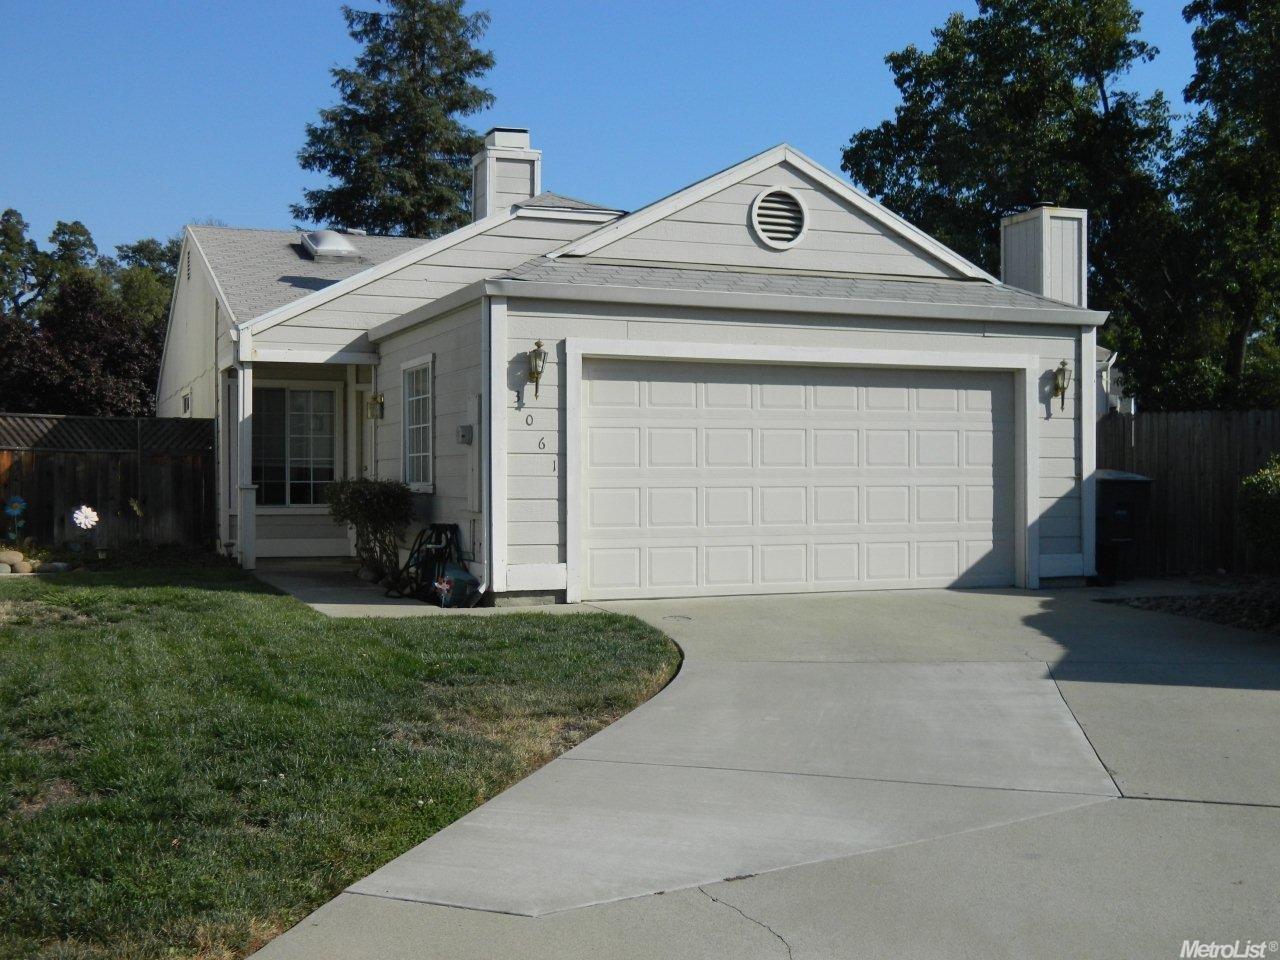 3061 Springview Meadows Dr, Rocklin, CA 95677